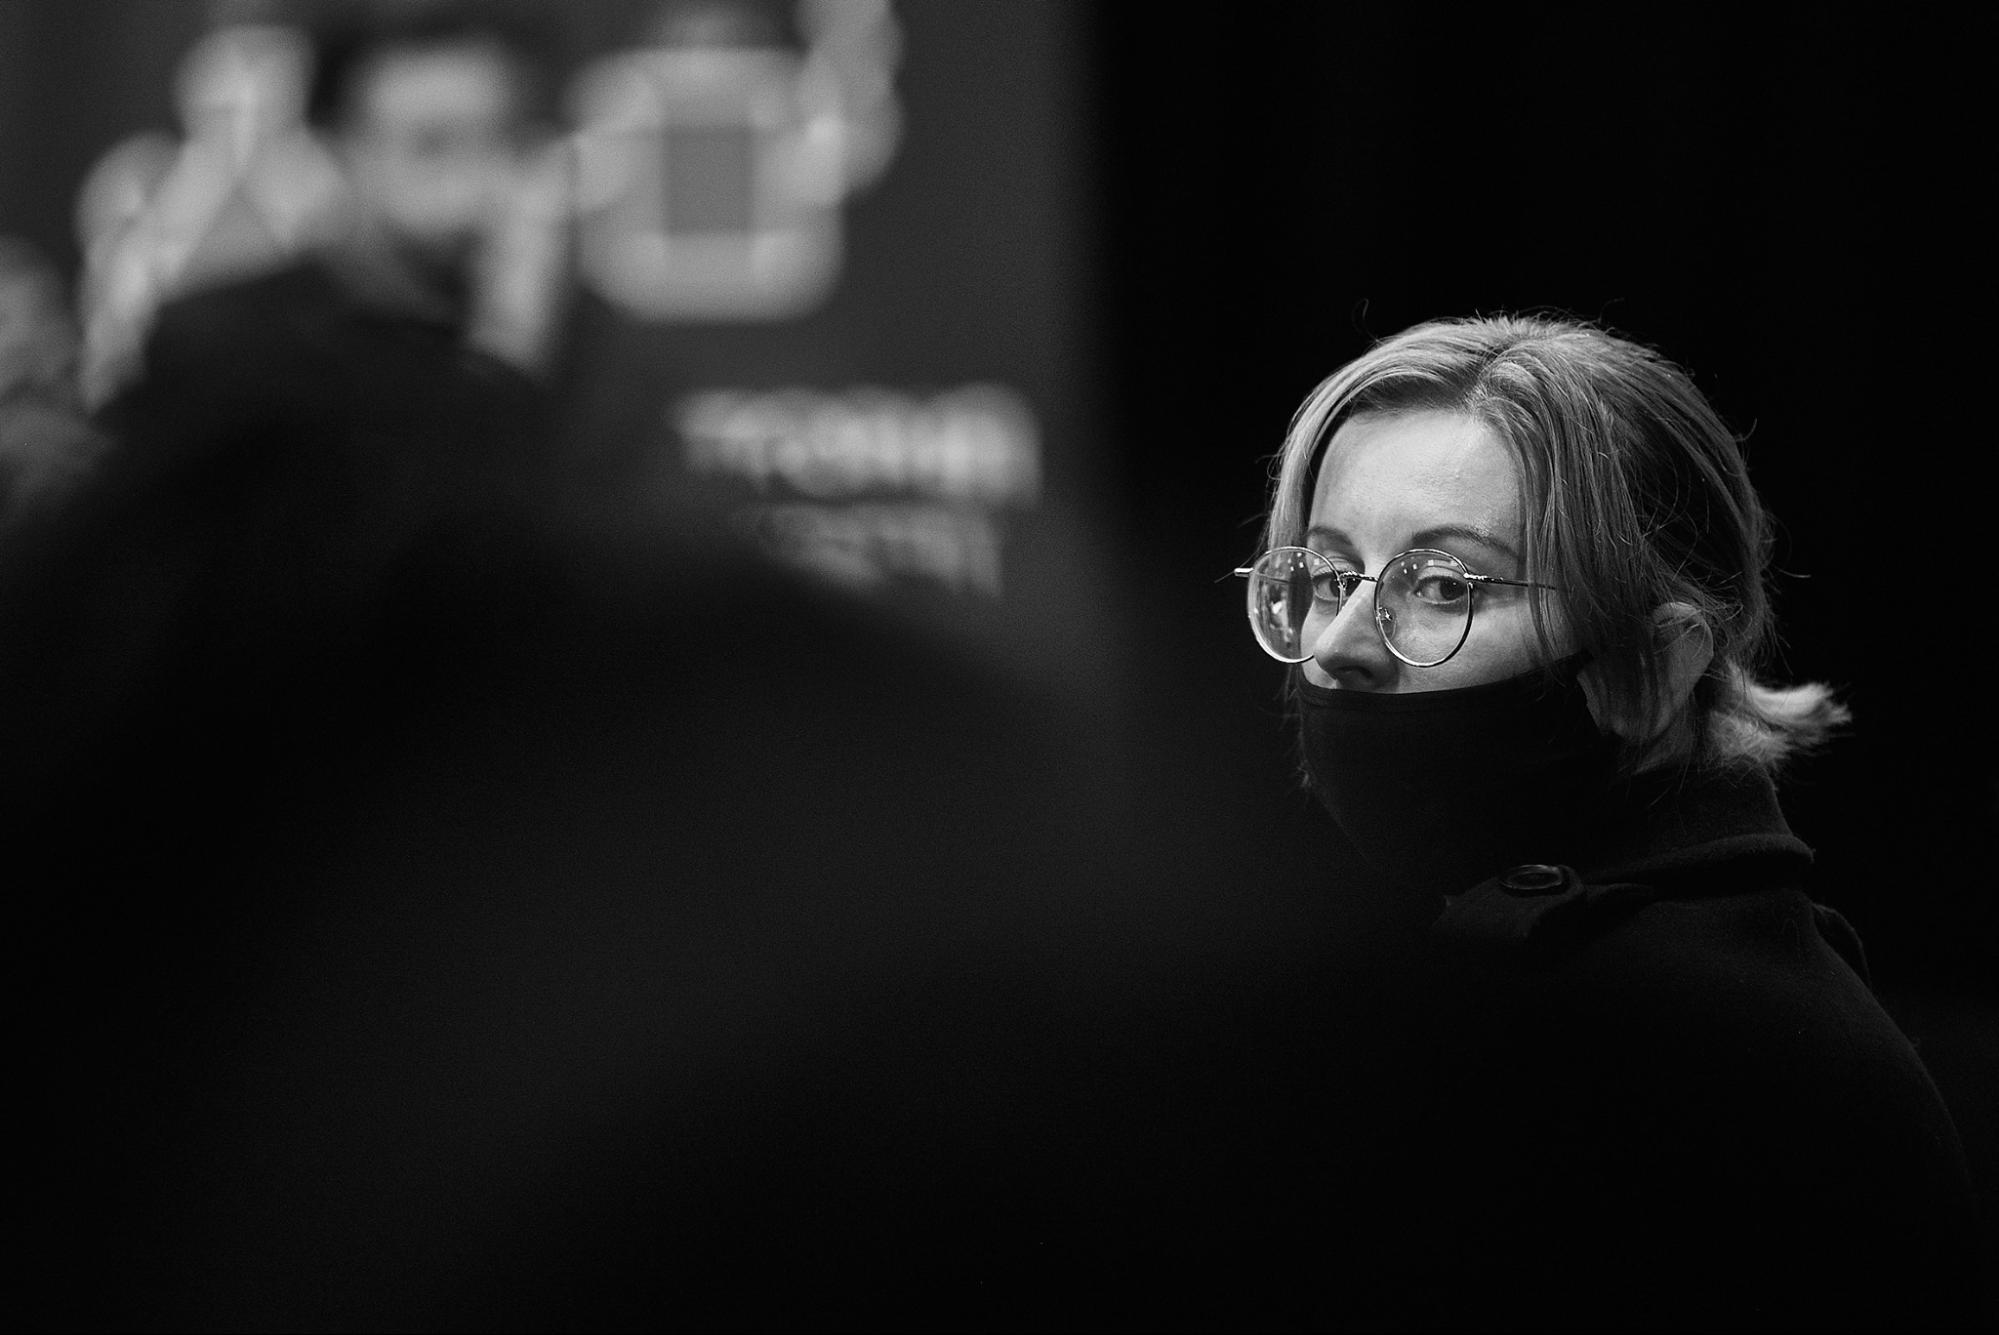 Олена Л., чайлдфрі, сценарістка, 36 років